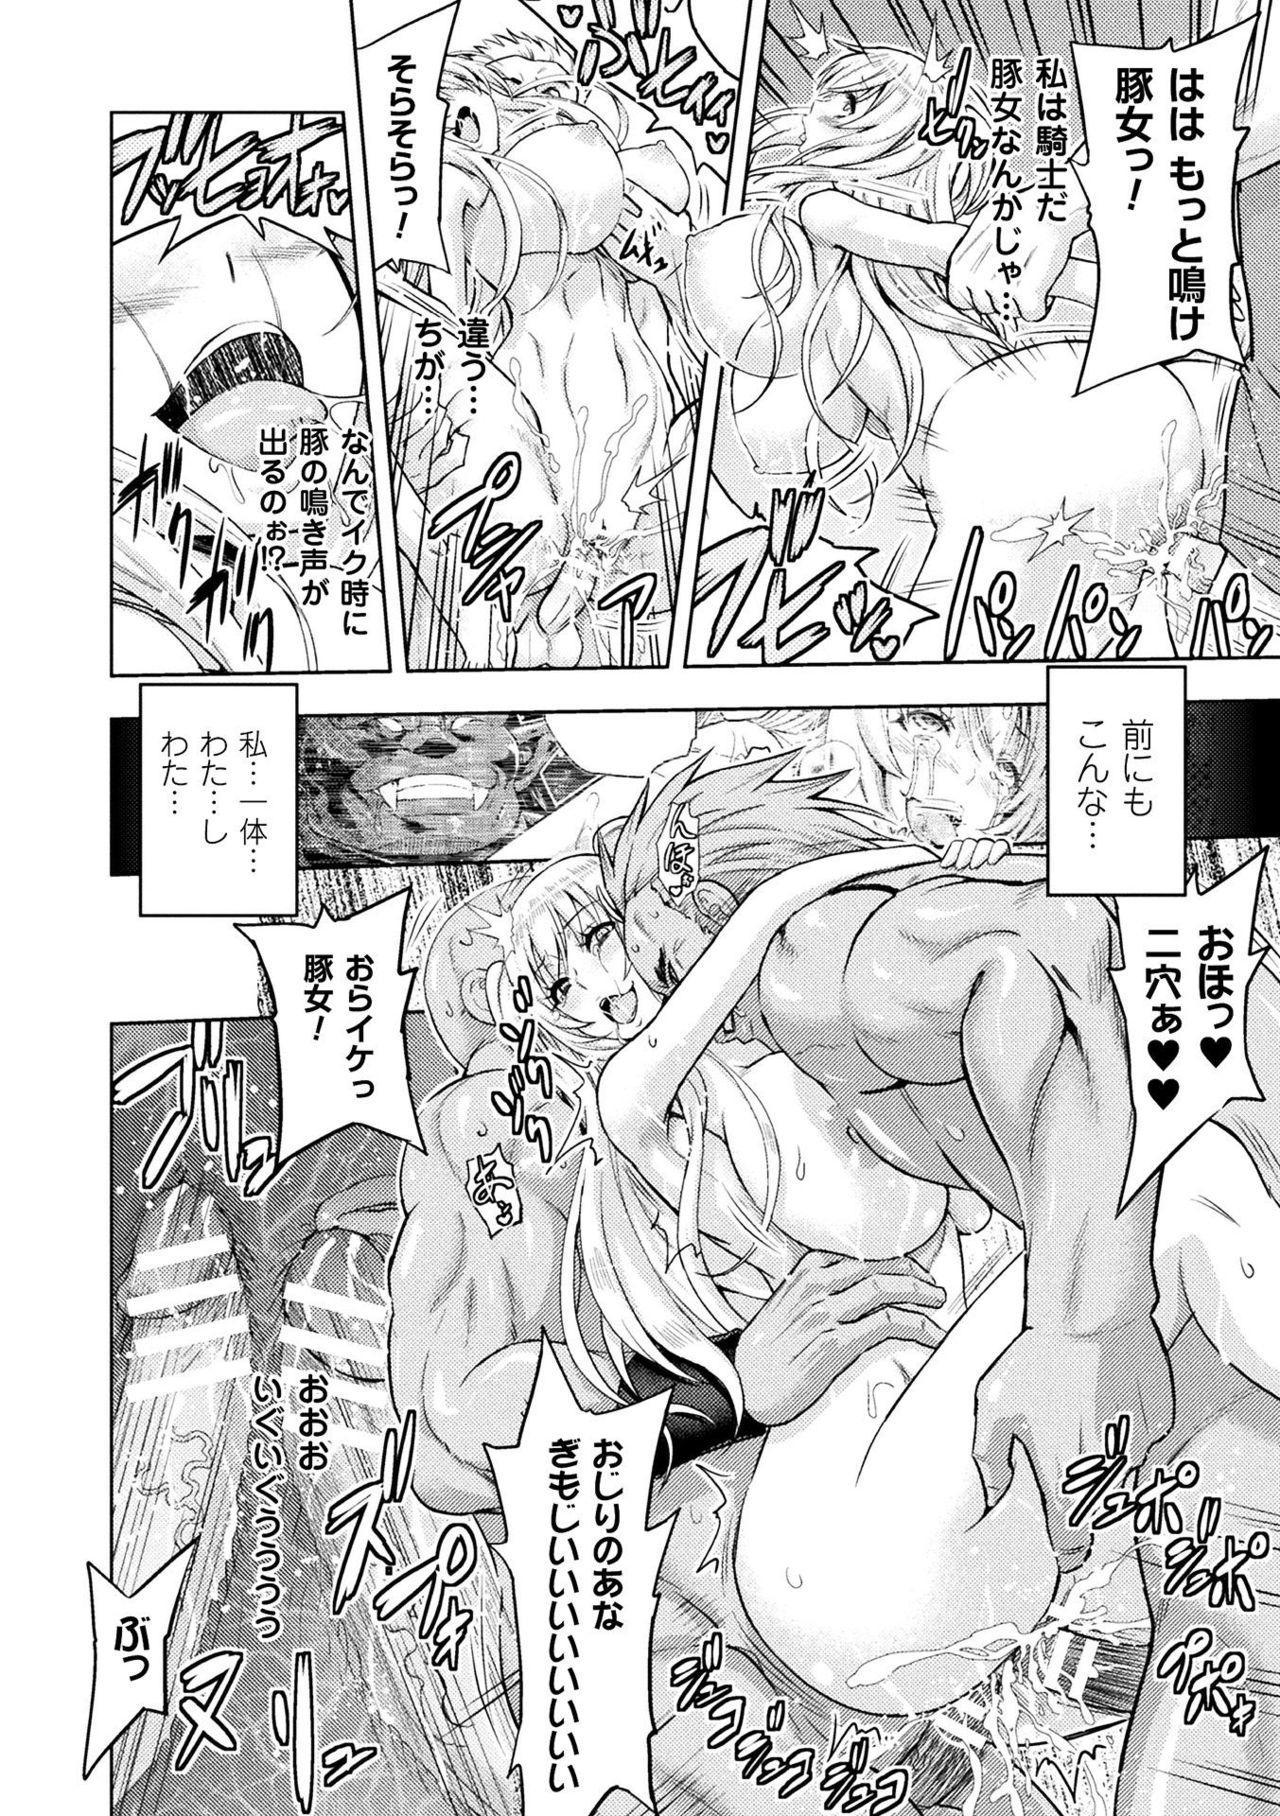 ERONA Orc no Inmon ni Okasareta Onna Kishi no Matsuro Ch. 1-6 149